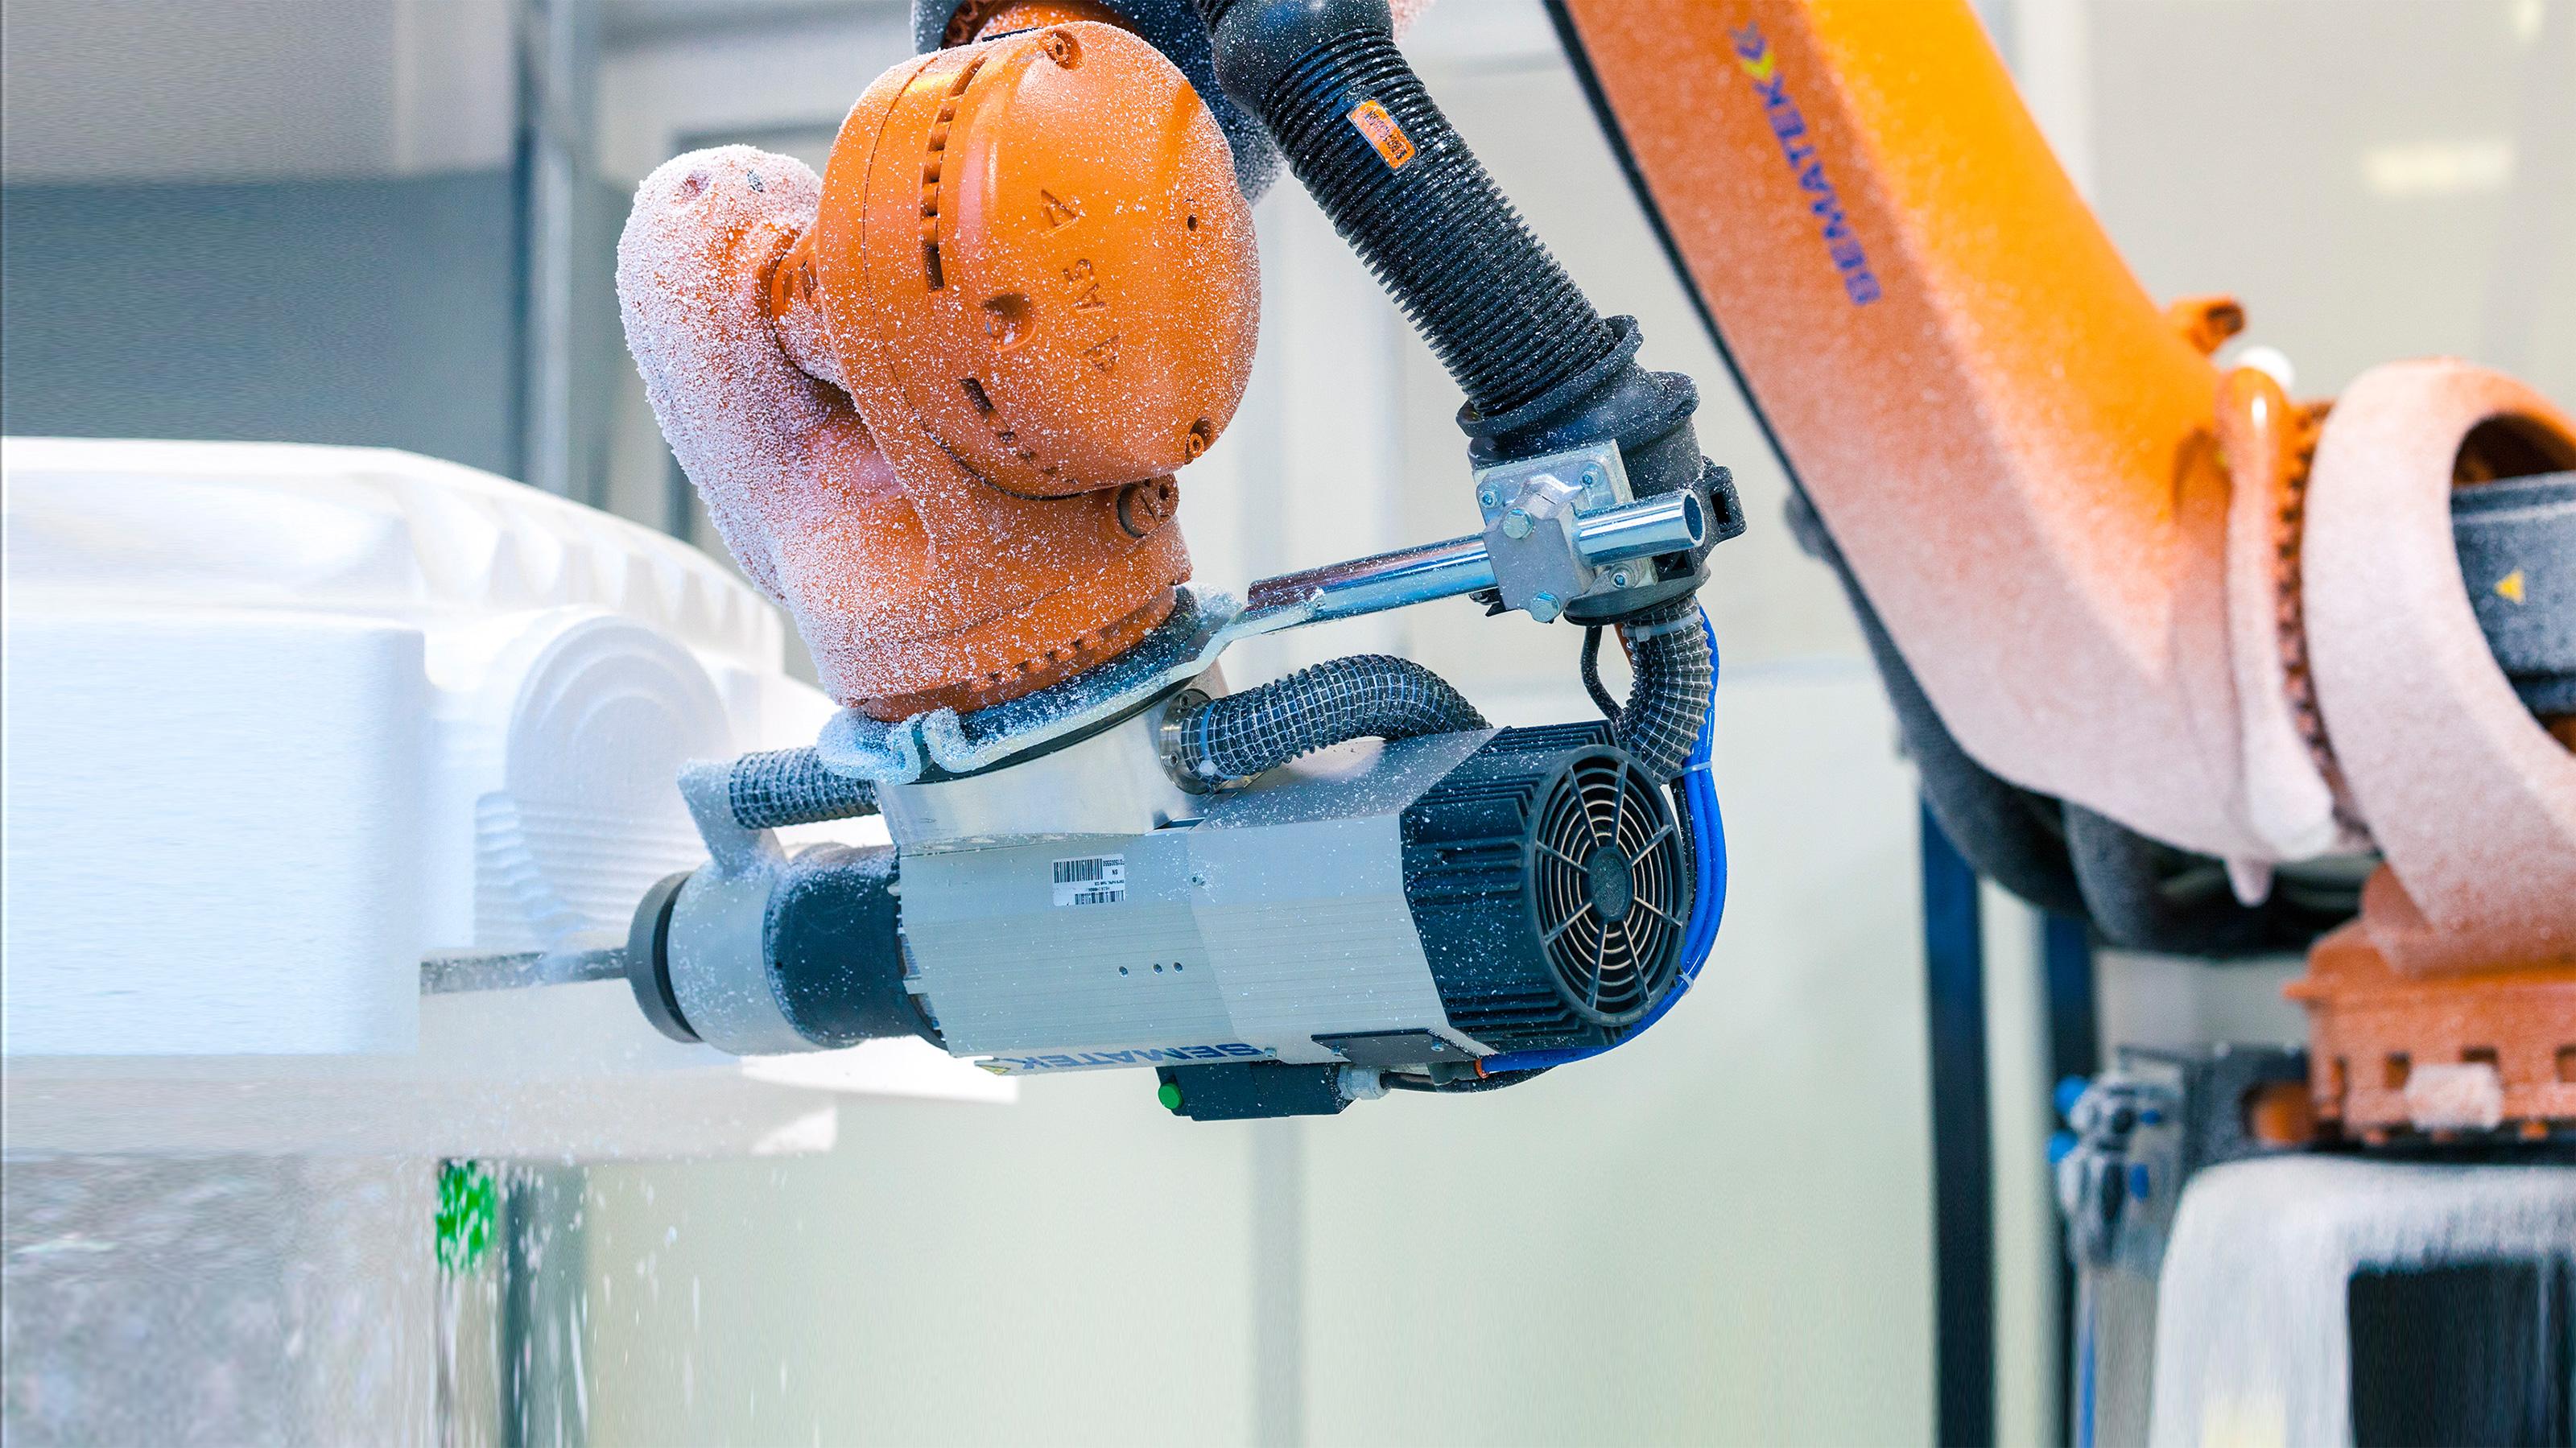 KUKA milling robot produces sculptures at Studio Babelsberg | KUKA AG